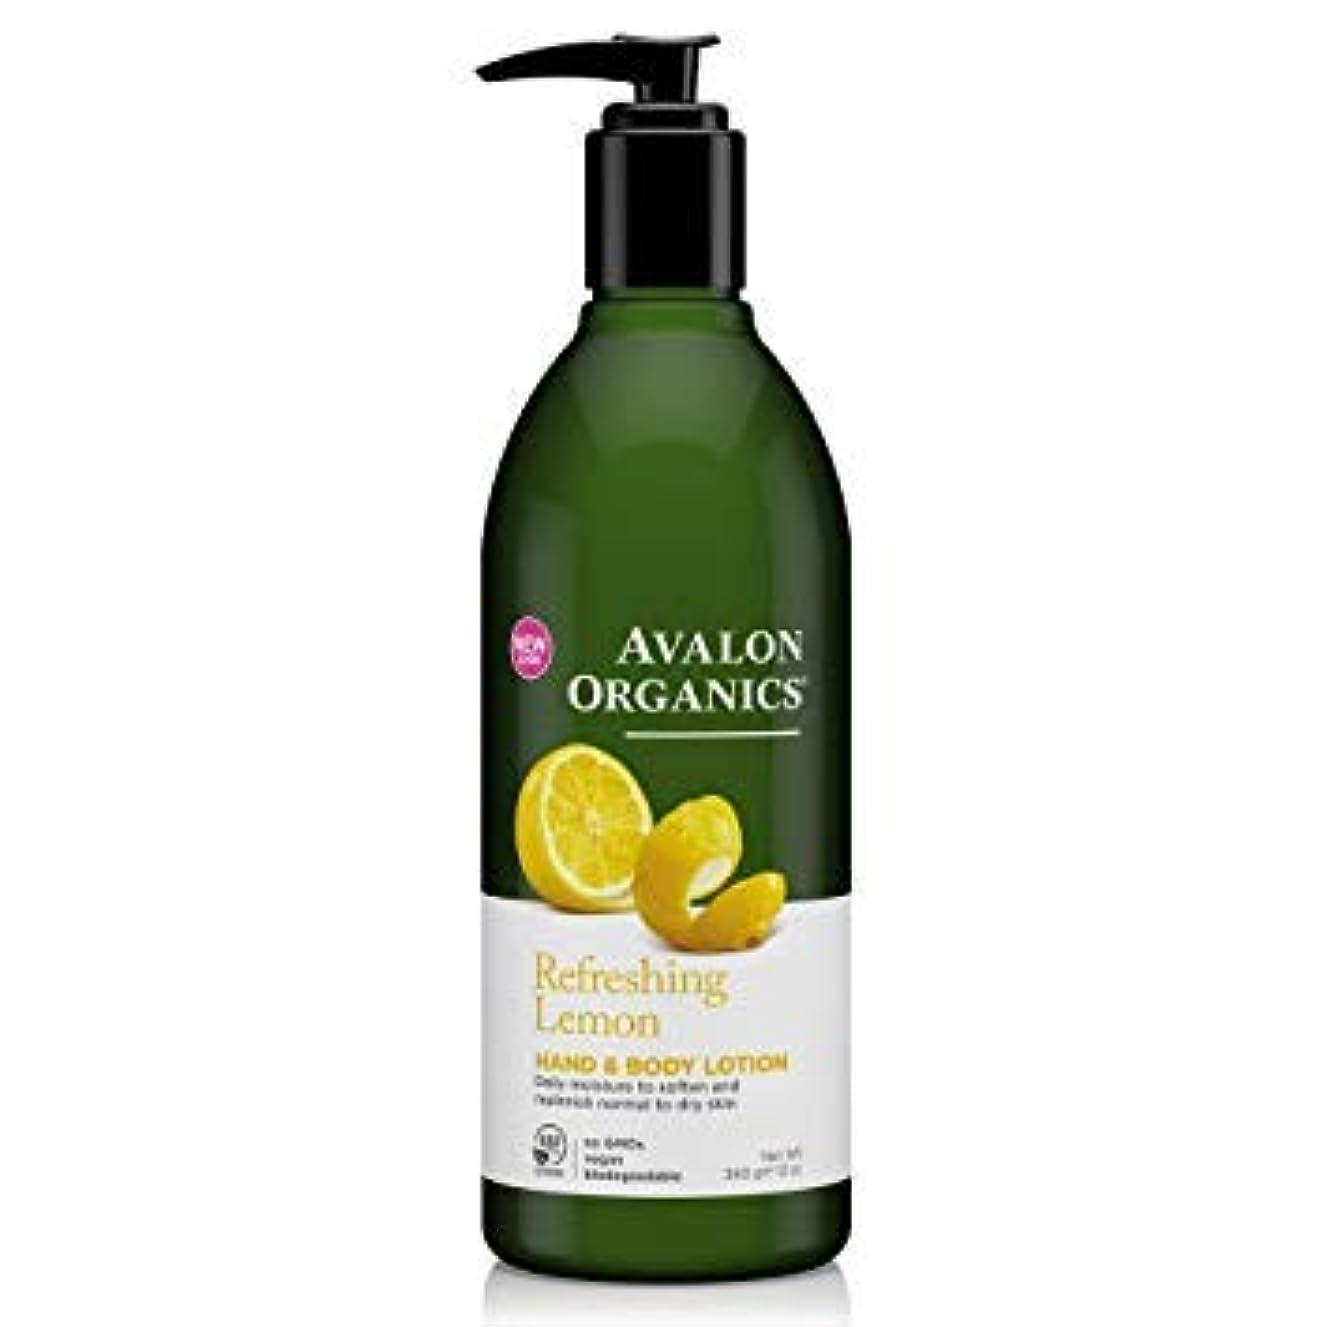 効能アプローチ頑張るAvalon Organics Lemon Hand & Body Lotion 340g (Pack of 2) - (Avalon) レモンハンド&ボディローション340グラム (x2) [並行輸入品]